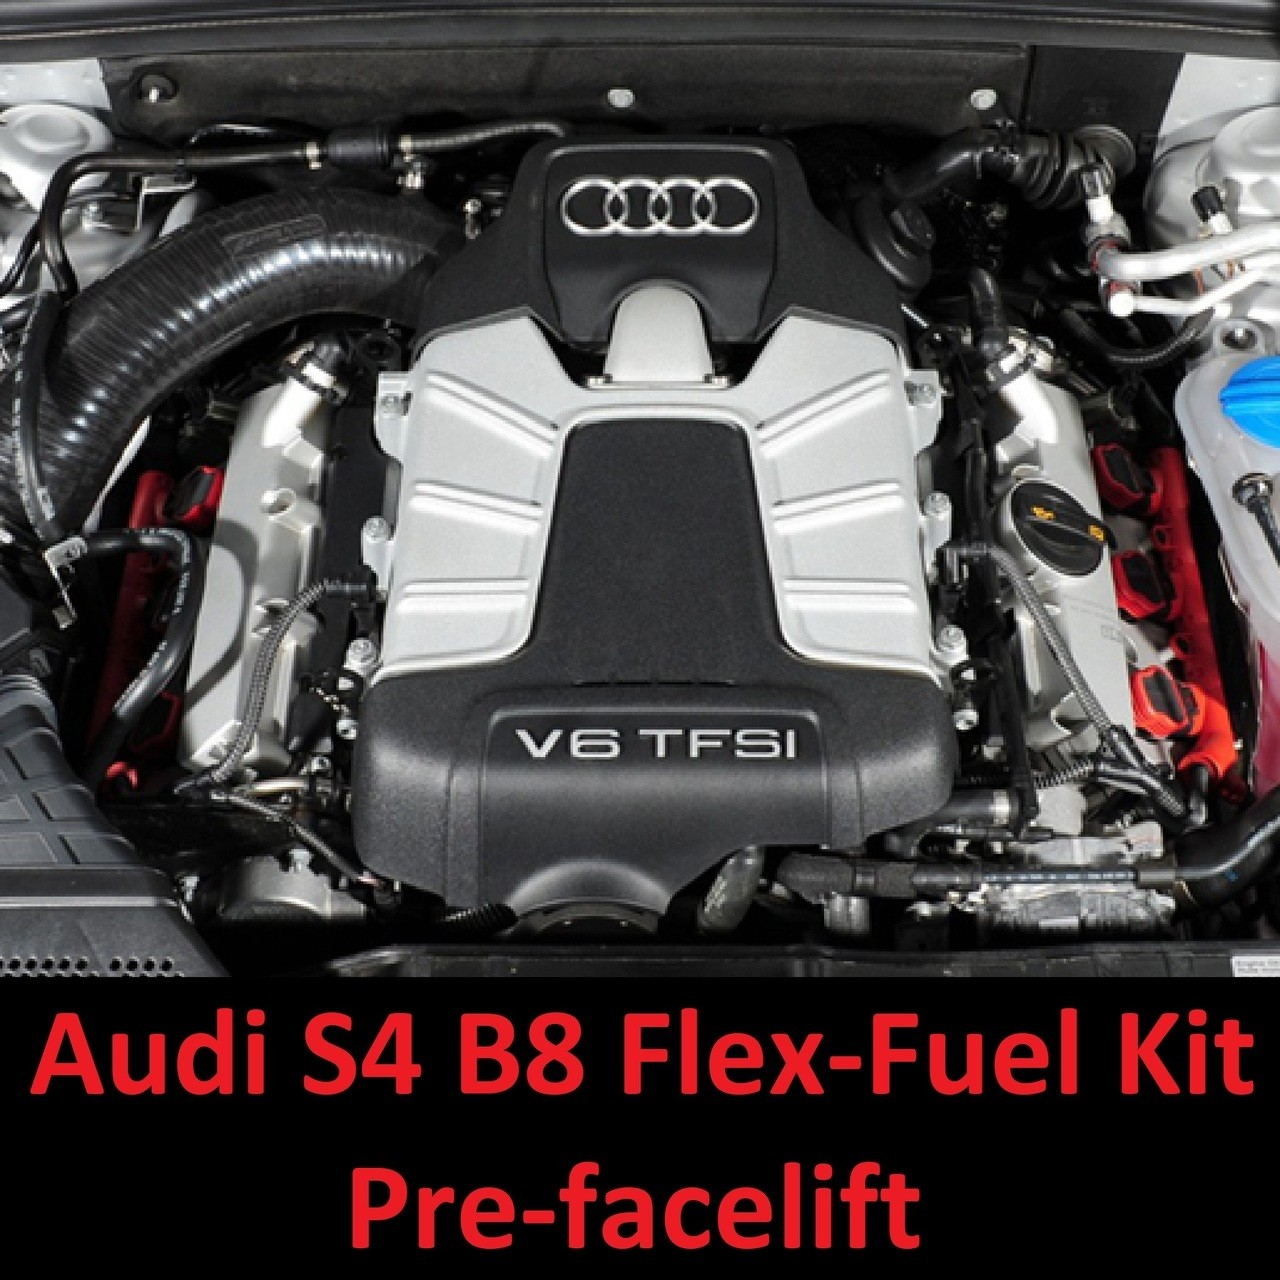 Fuel-It VW/AUDI FLEX FUEL KITS - B8/B8.5 S4